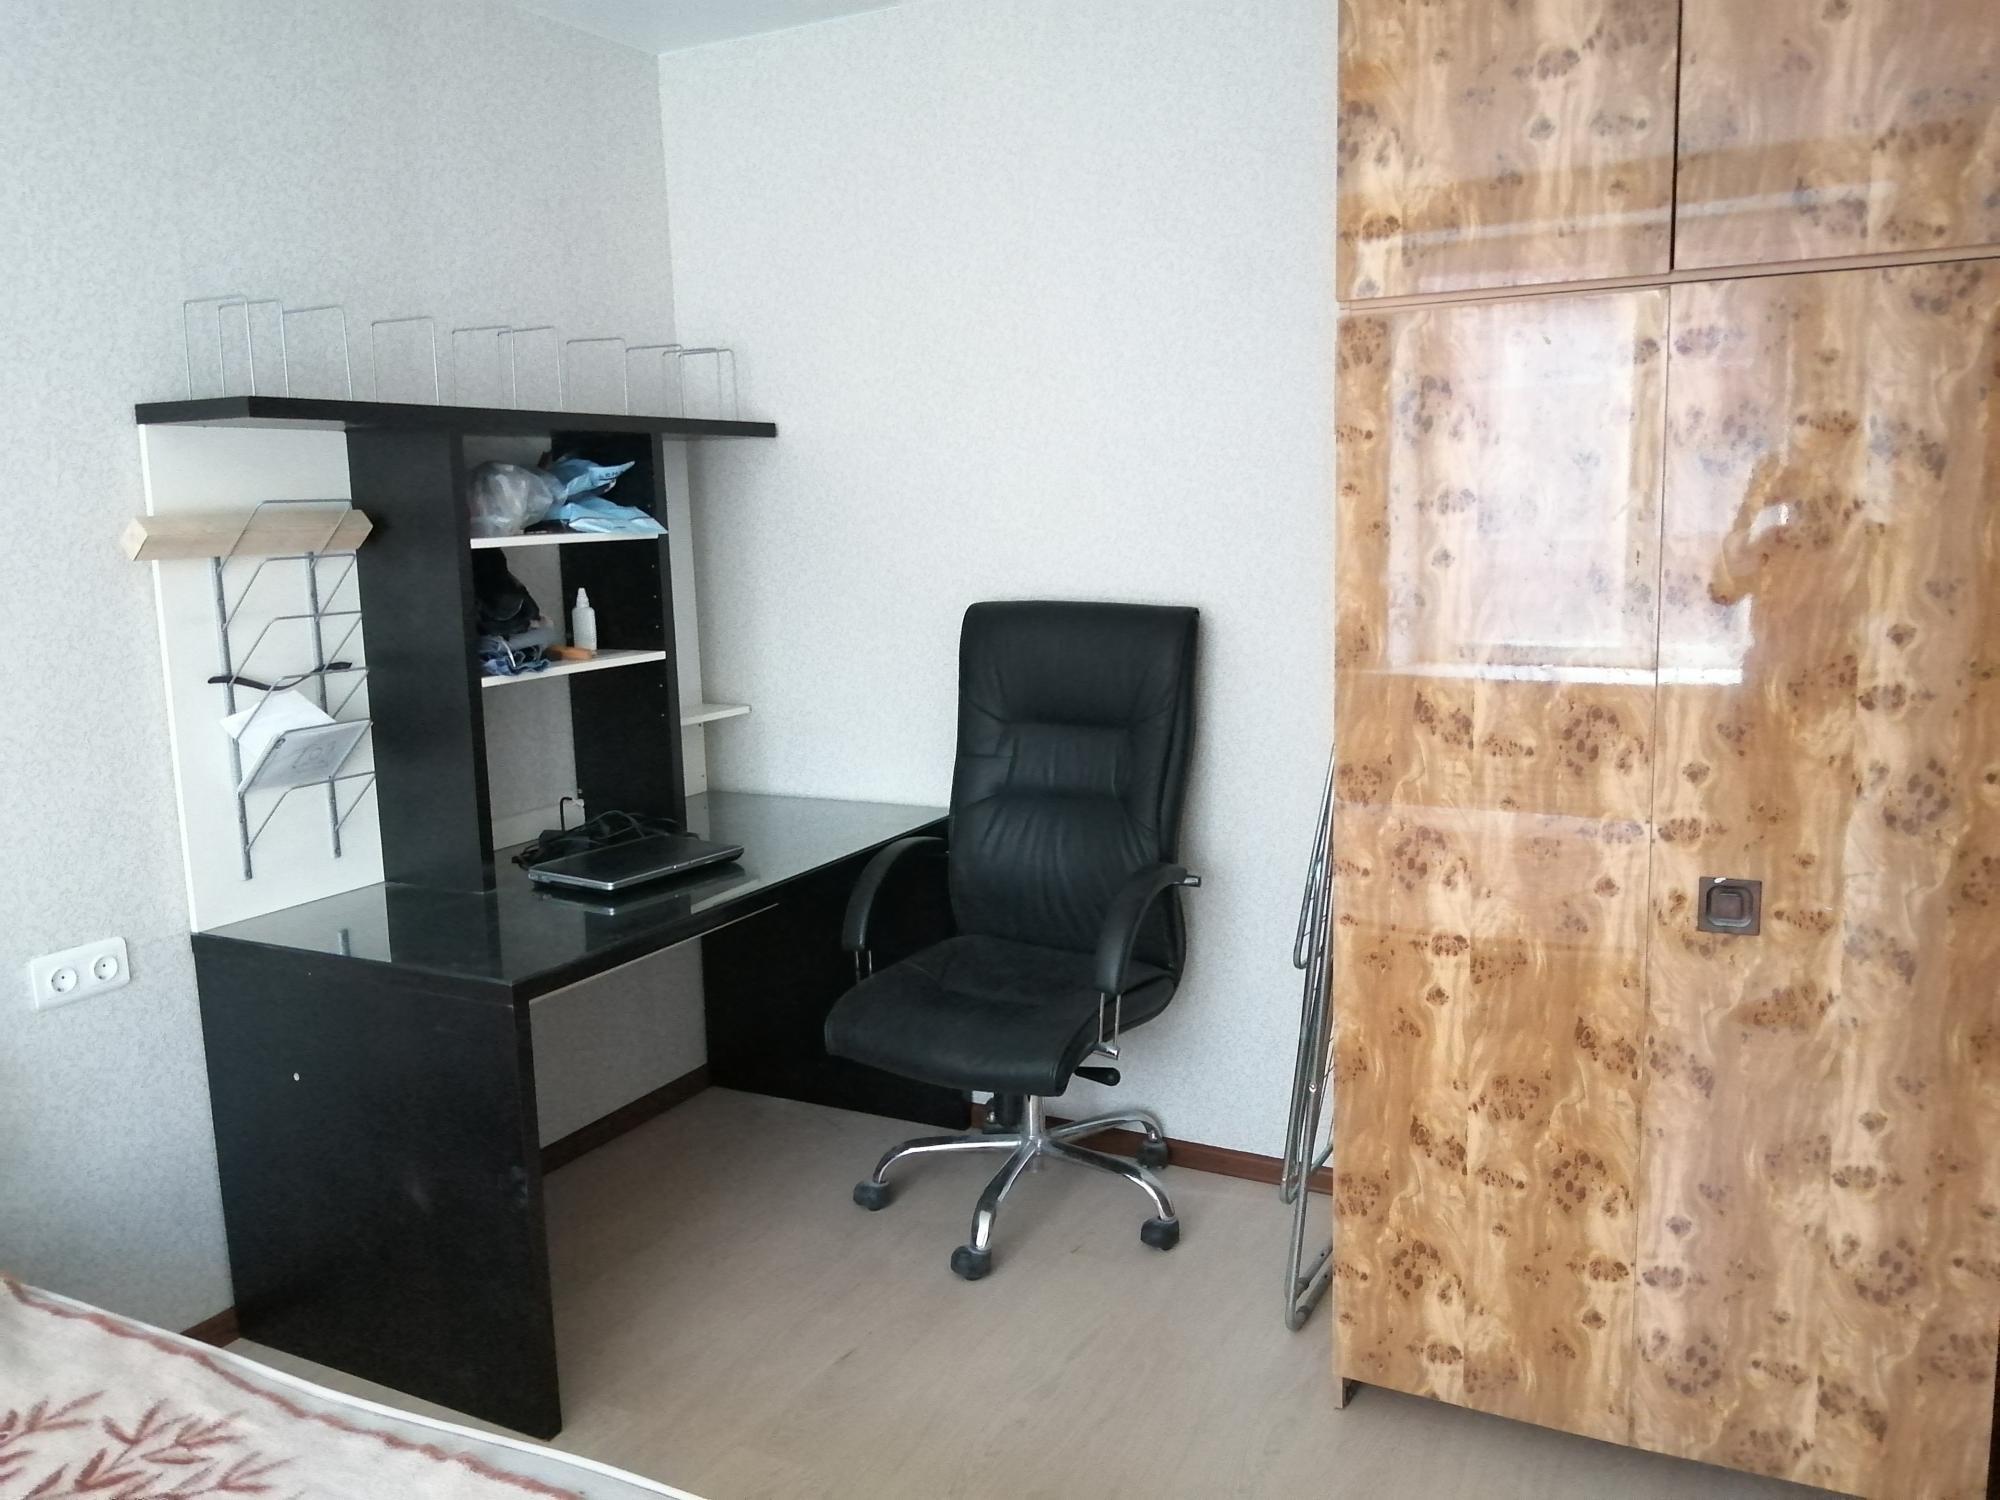 Квартира, 1 комната, 38 м² в Красково 89167750489 купить 1